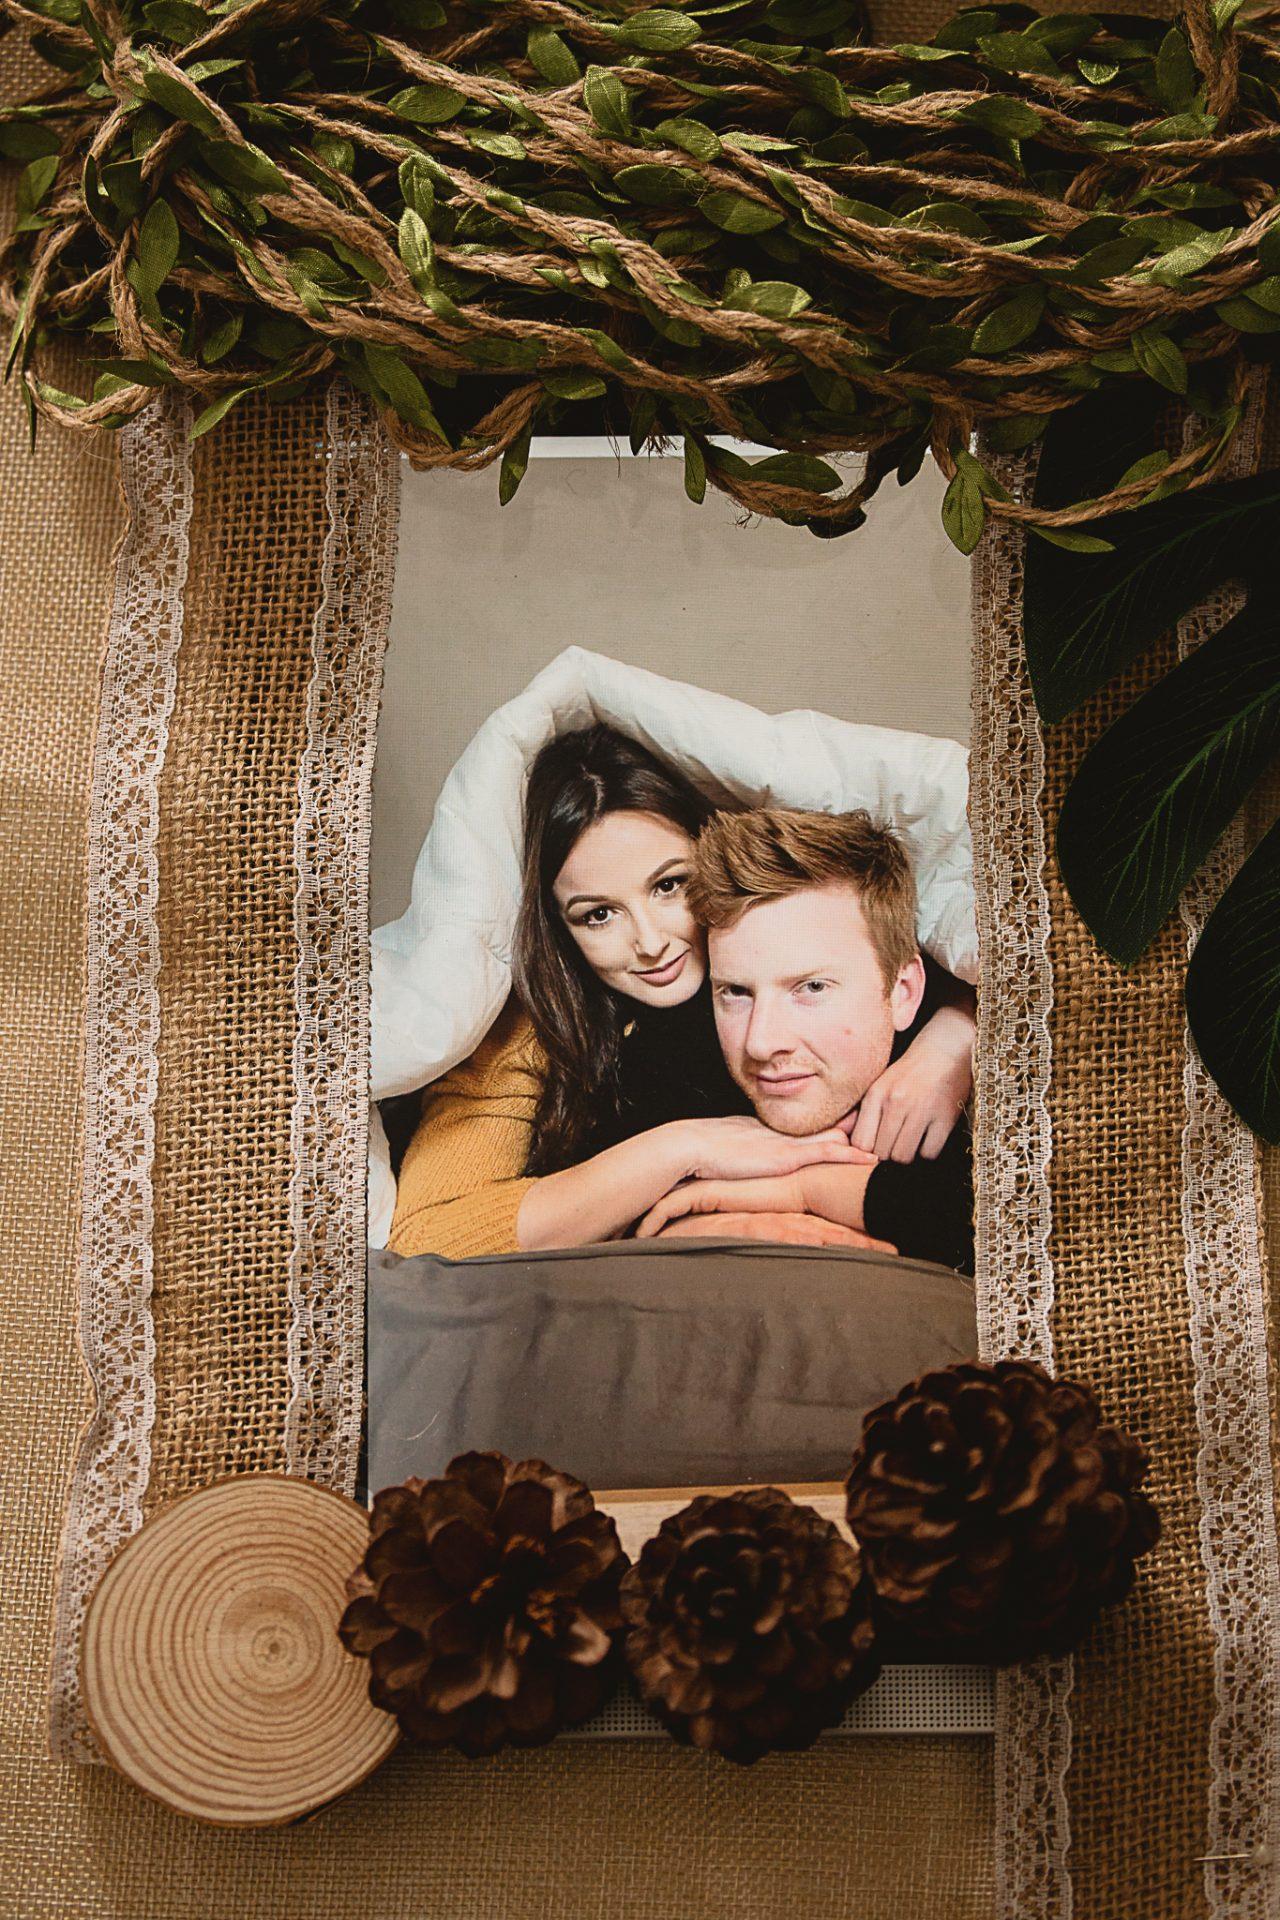 Ensaio virtual de casal em casa - Presente dia dos namorados na quarentena